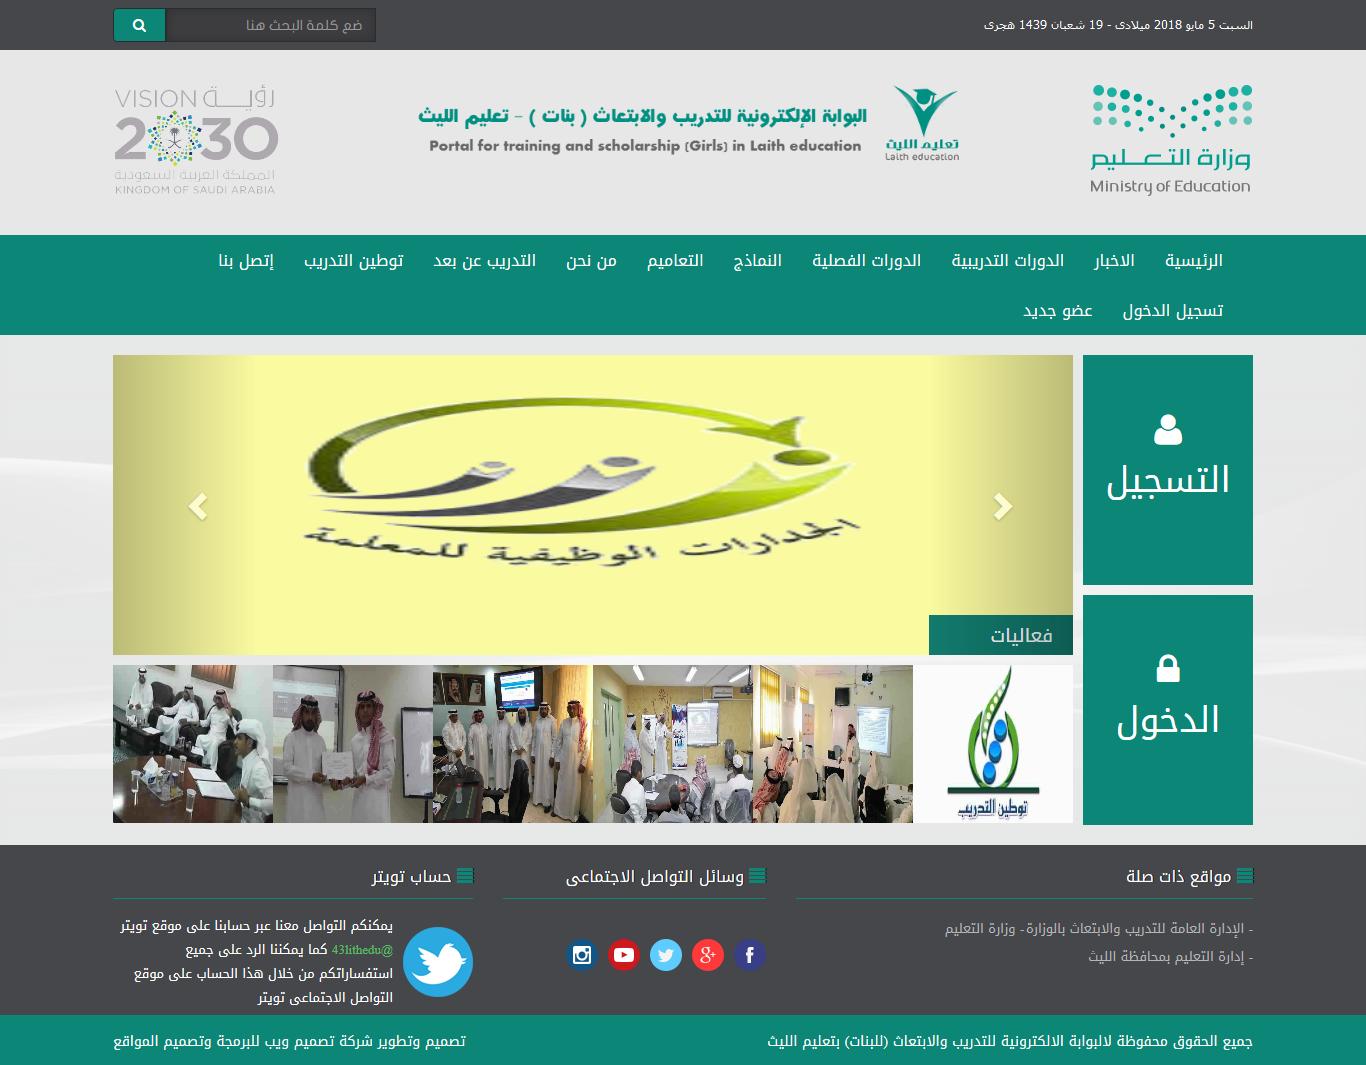 موقع البوابة الالكترونية للتدريب والابتعاث الليث - وزارة التعليم السعودية